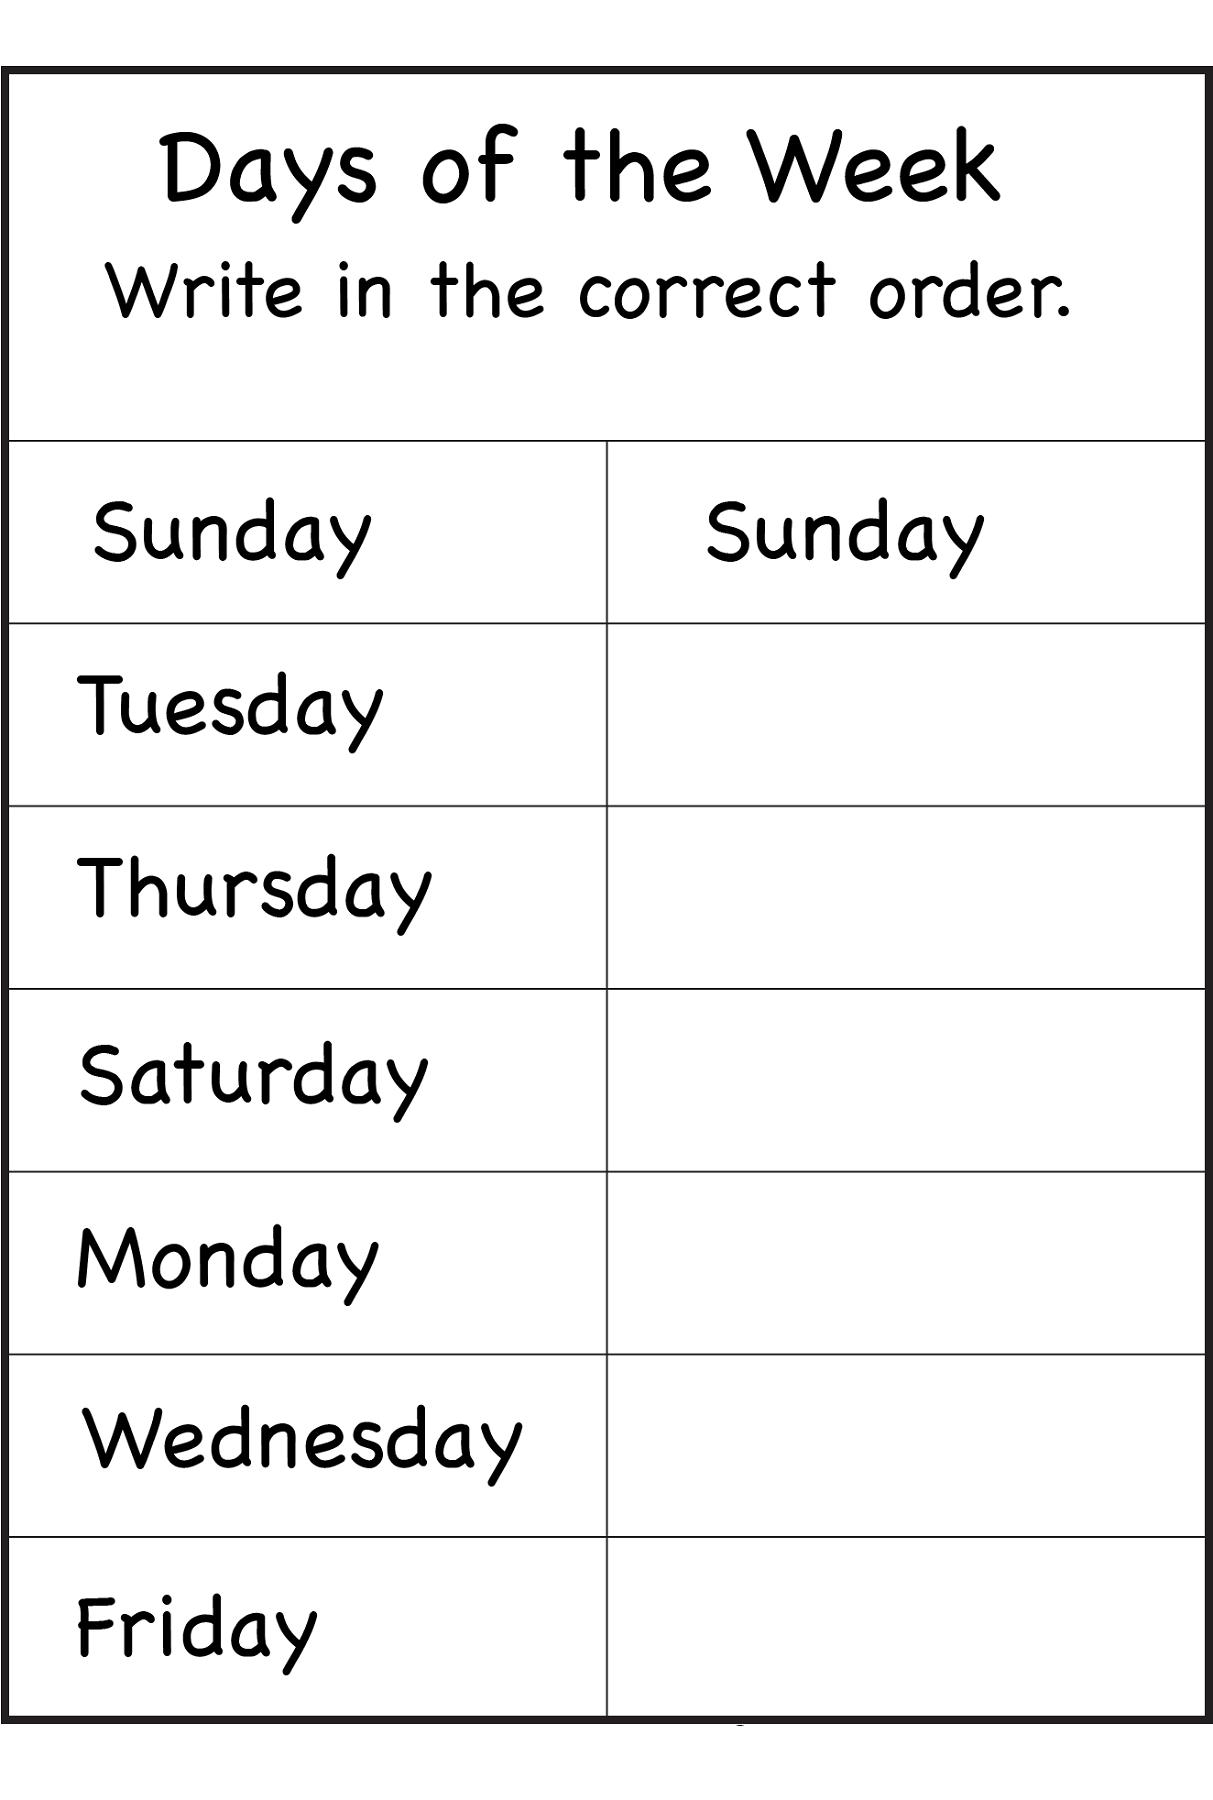 Teaching Days Of The Week To Preschoolers